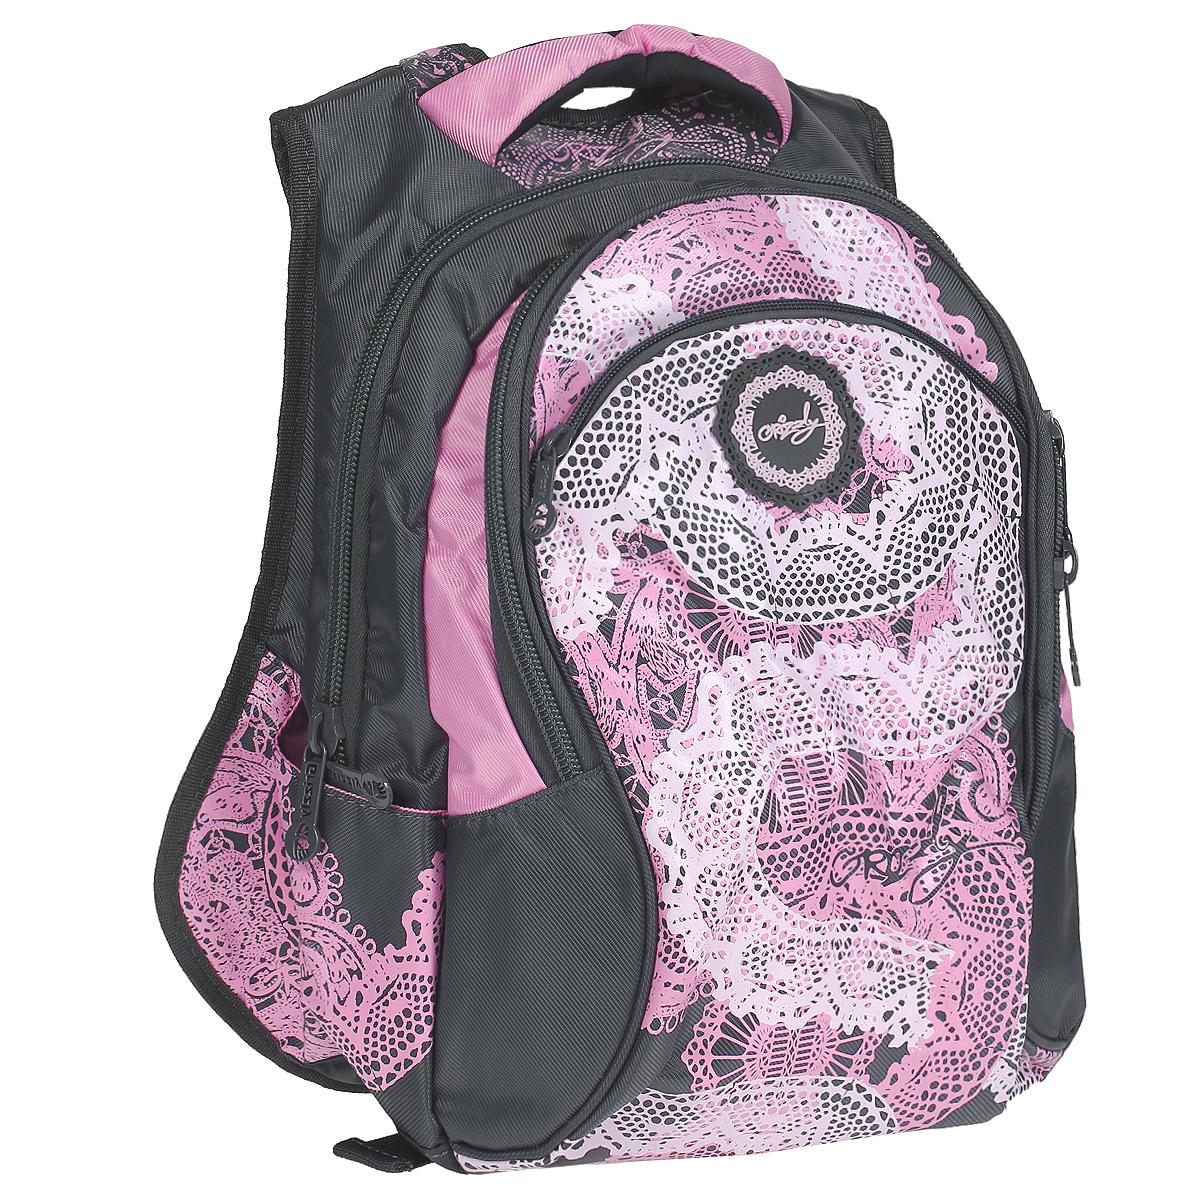 Рюкзак городской Grizzly, цвет: серый, розовый. RD-216-1УТ-000052374Стильный рюкзак Grizzly выполнен из полиэстера серого цвета с розовыми вставками и оформлен оригинальным изображением. Рюкзак оснащен одним основным отделением, закрывающимся на застежку-молнию.На внешней стороне рюкзака расположен вместительный накладной карман на застежке-молнии. Внутри расположен два кармашка для мелочей и телефона и три кармашка для пишущих принадлежностей. Также на внешней стороне расположен еще один маленький кармашек на молнии. По бокам сумки расположены два маленьких открытых кармашка. Рюкзак оснащен мягкими плечевыми лямками, мягкой спинкой с сетчатой поверхностью, текстильной ручкой для удобной переноски и двумя сетчатыми кармашками по бокам.Бегунки снабжены удобными держателями. Характеристики:Цвет: серый, розовый. Размер: 30 см x 12 см х 40 см. Материал:полиэстер, текстиль, металл. Производитель: Россия.